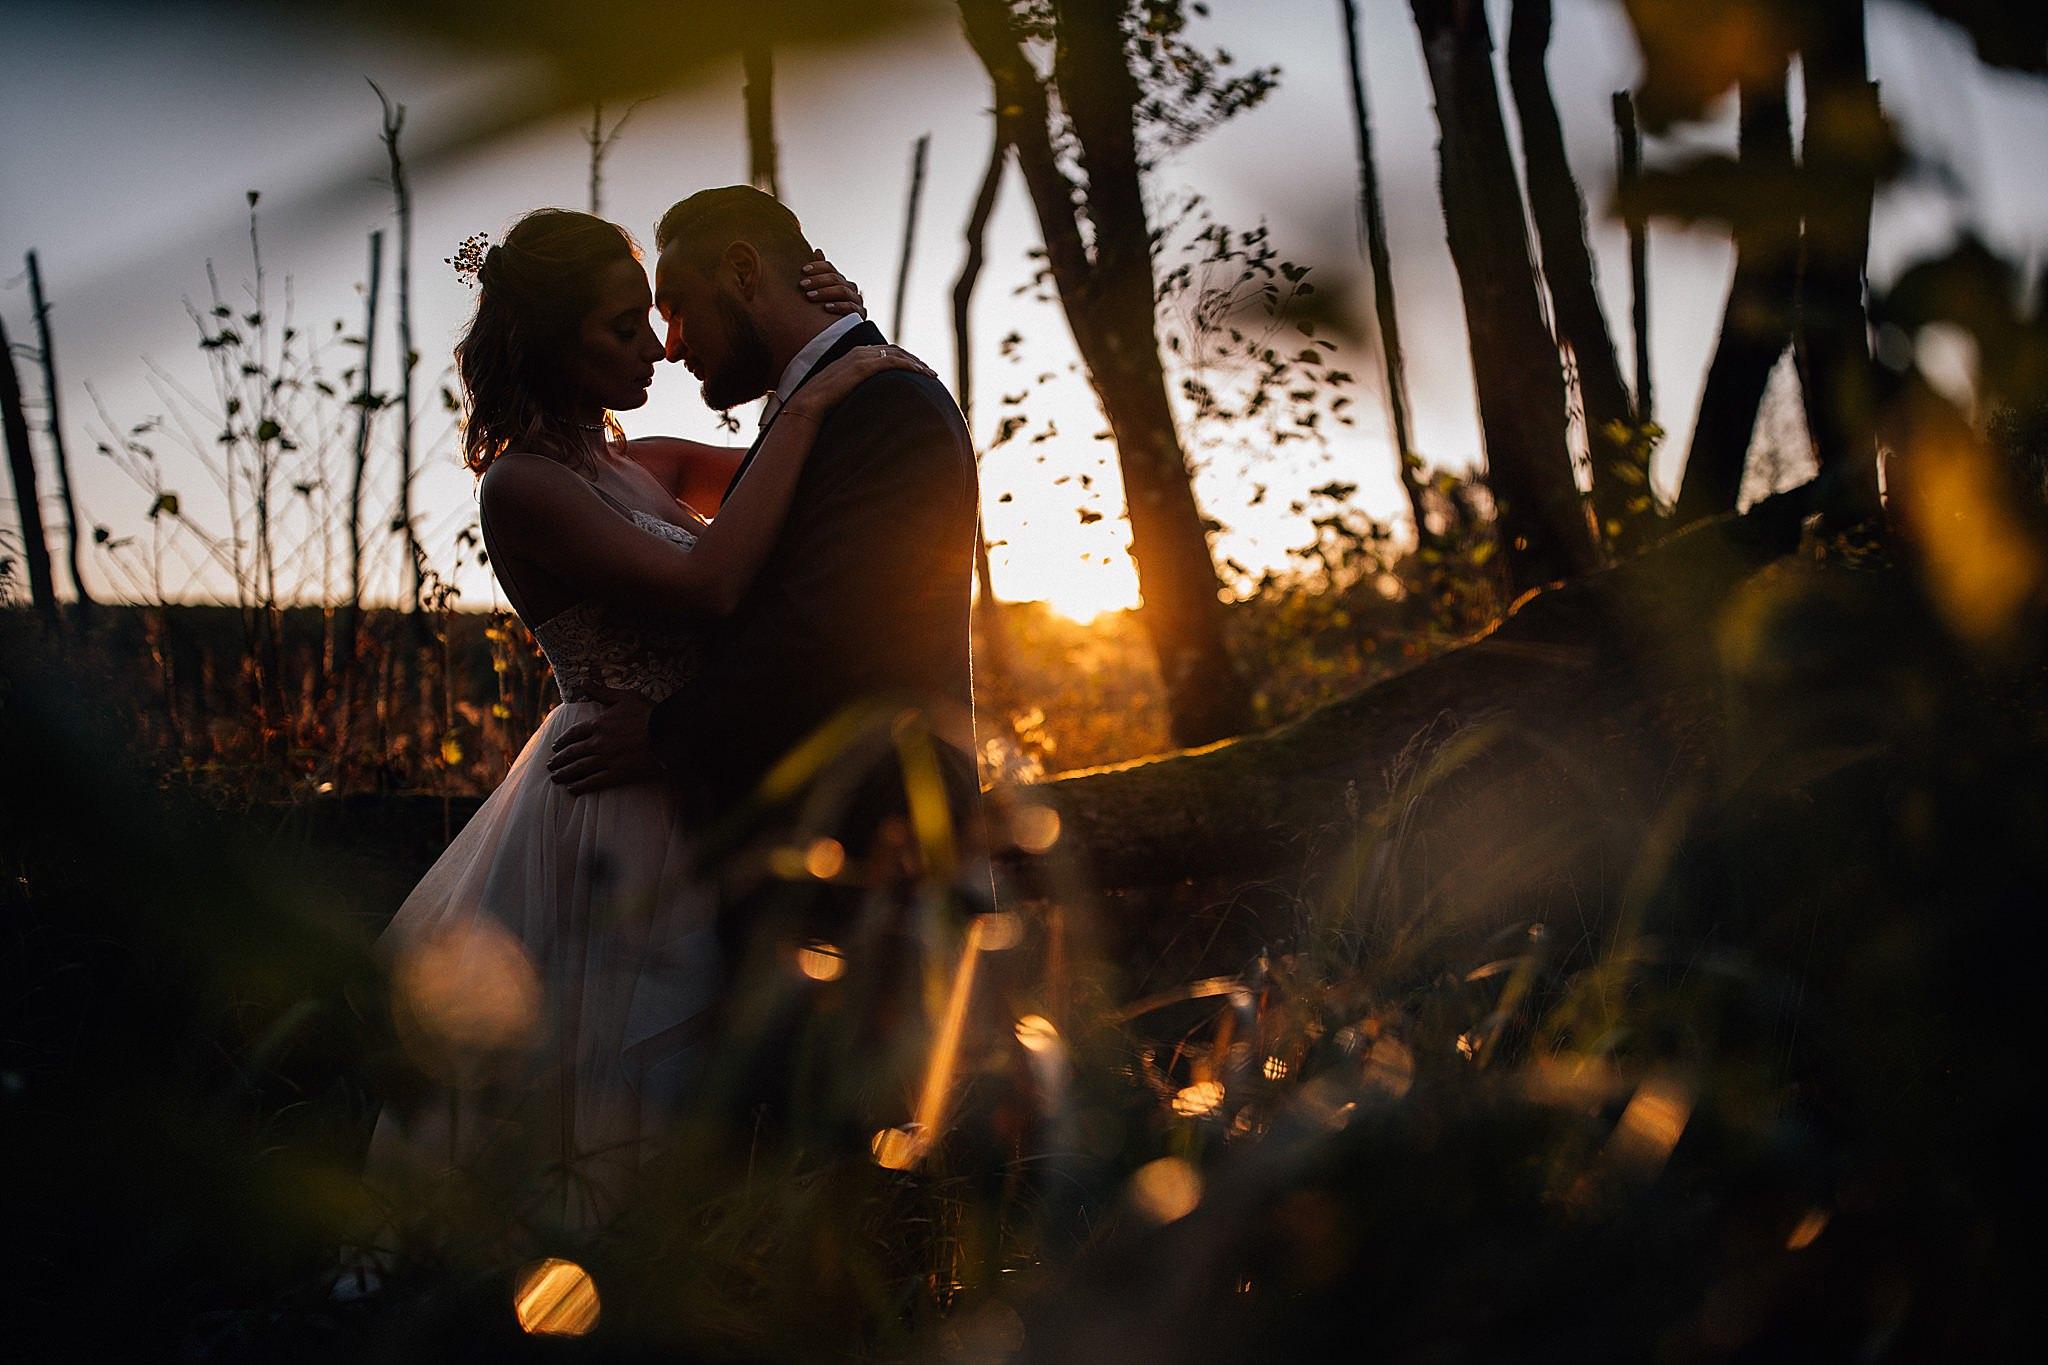 2018,Andrzejewski Pawel,Fotografia slubna,Poznań,Wedding photography,www.andrzejewskipawel.com,